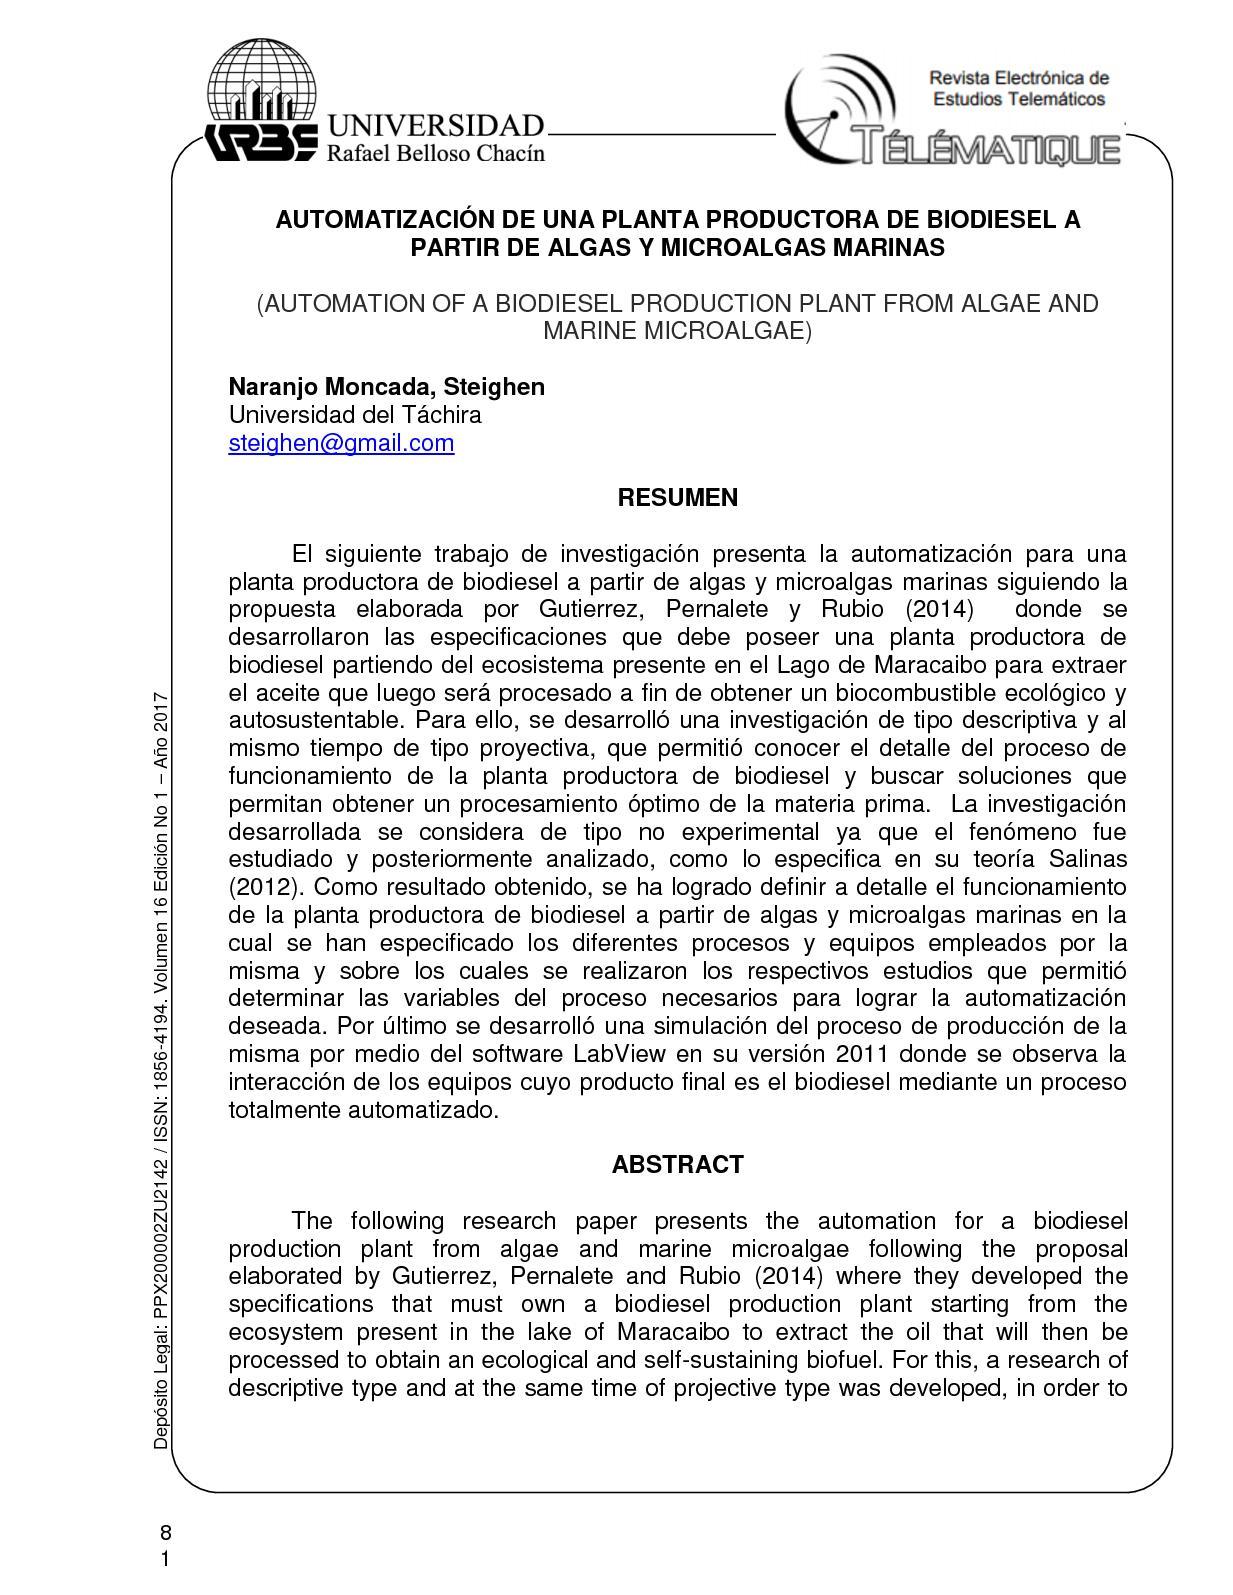 AUTOMATIZACIÓN DE UNA PLANTA PRODUCTORA DE BIODIESEL A PARTIR DE ALGAS Y MICROALGAS MARINAS